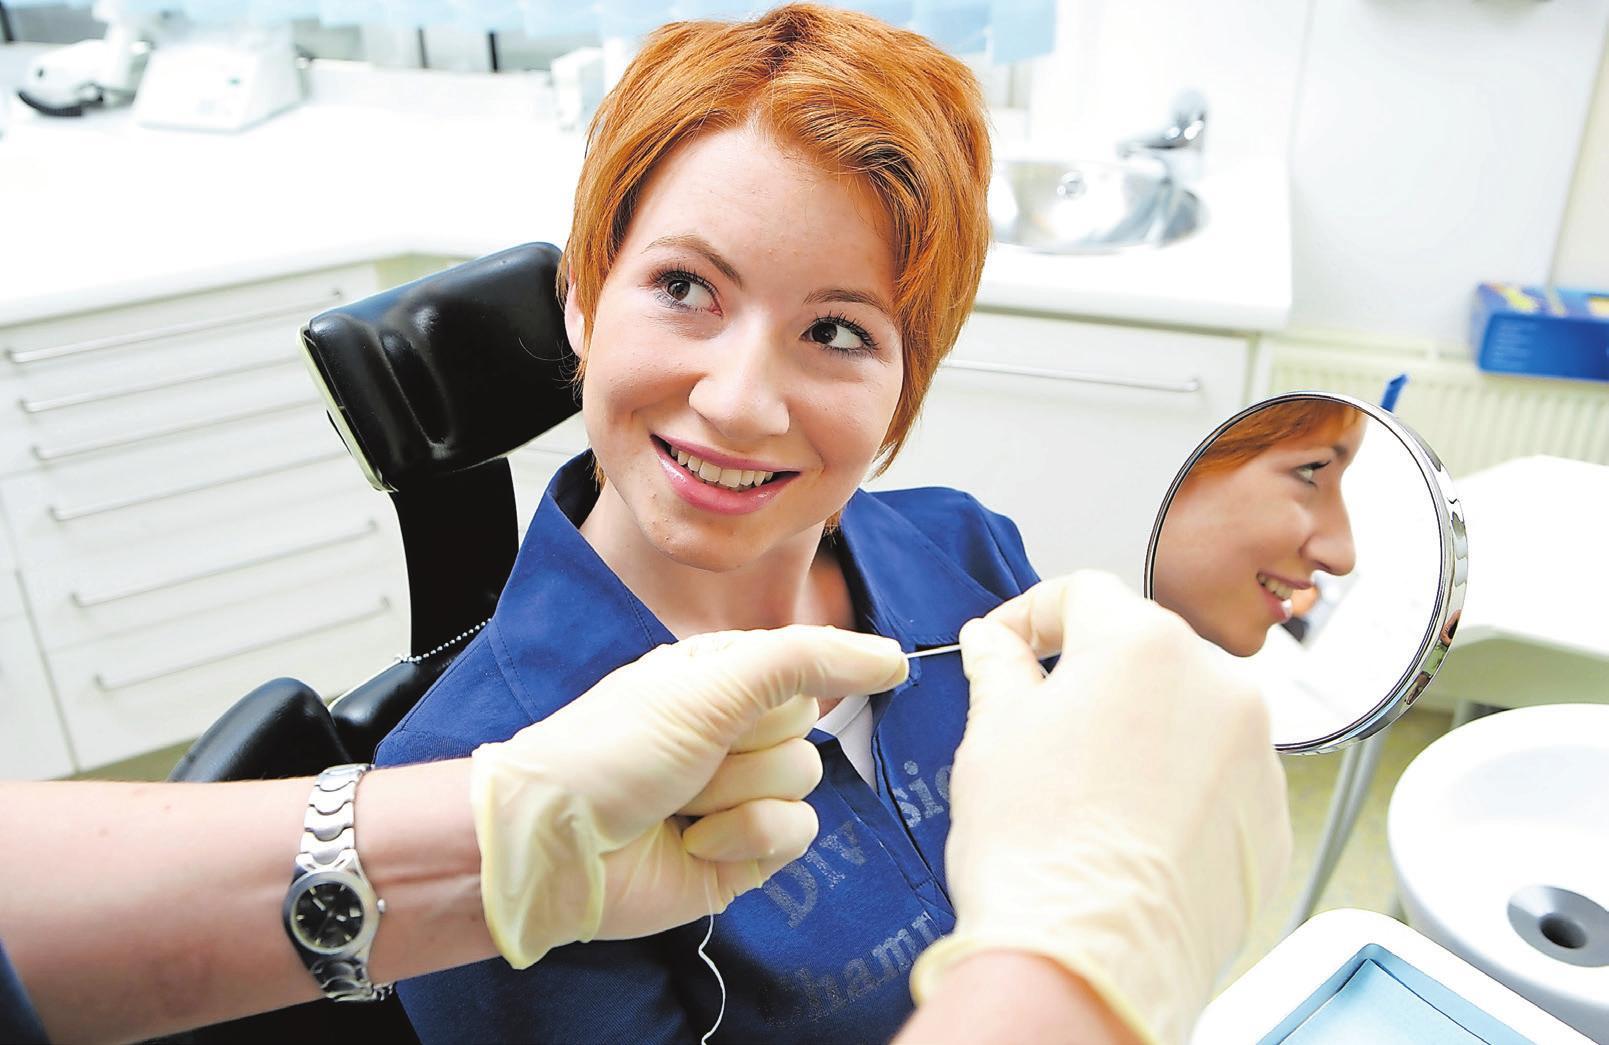 Auch die Handhabung von Zahnseide gehört häufig zum Ablauf einer PZR. Die Zahnarzthelferin gibt am Ende der Behandlung Tipps zur richtigen Mundhygiene.         Foto: prodente e.V.